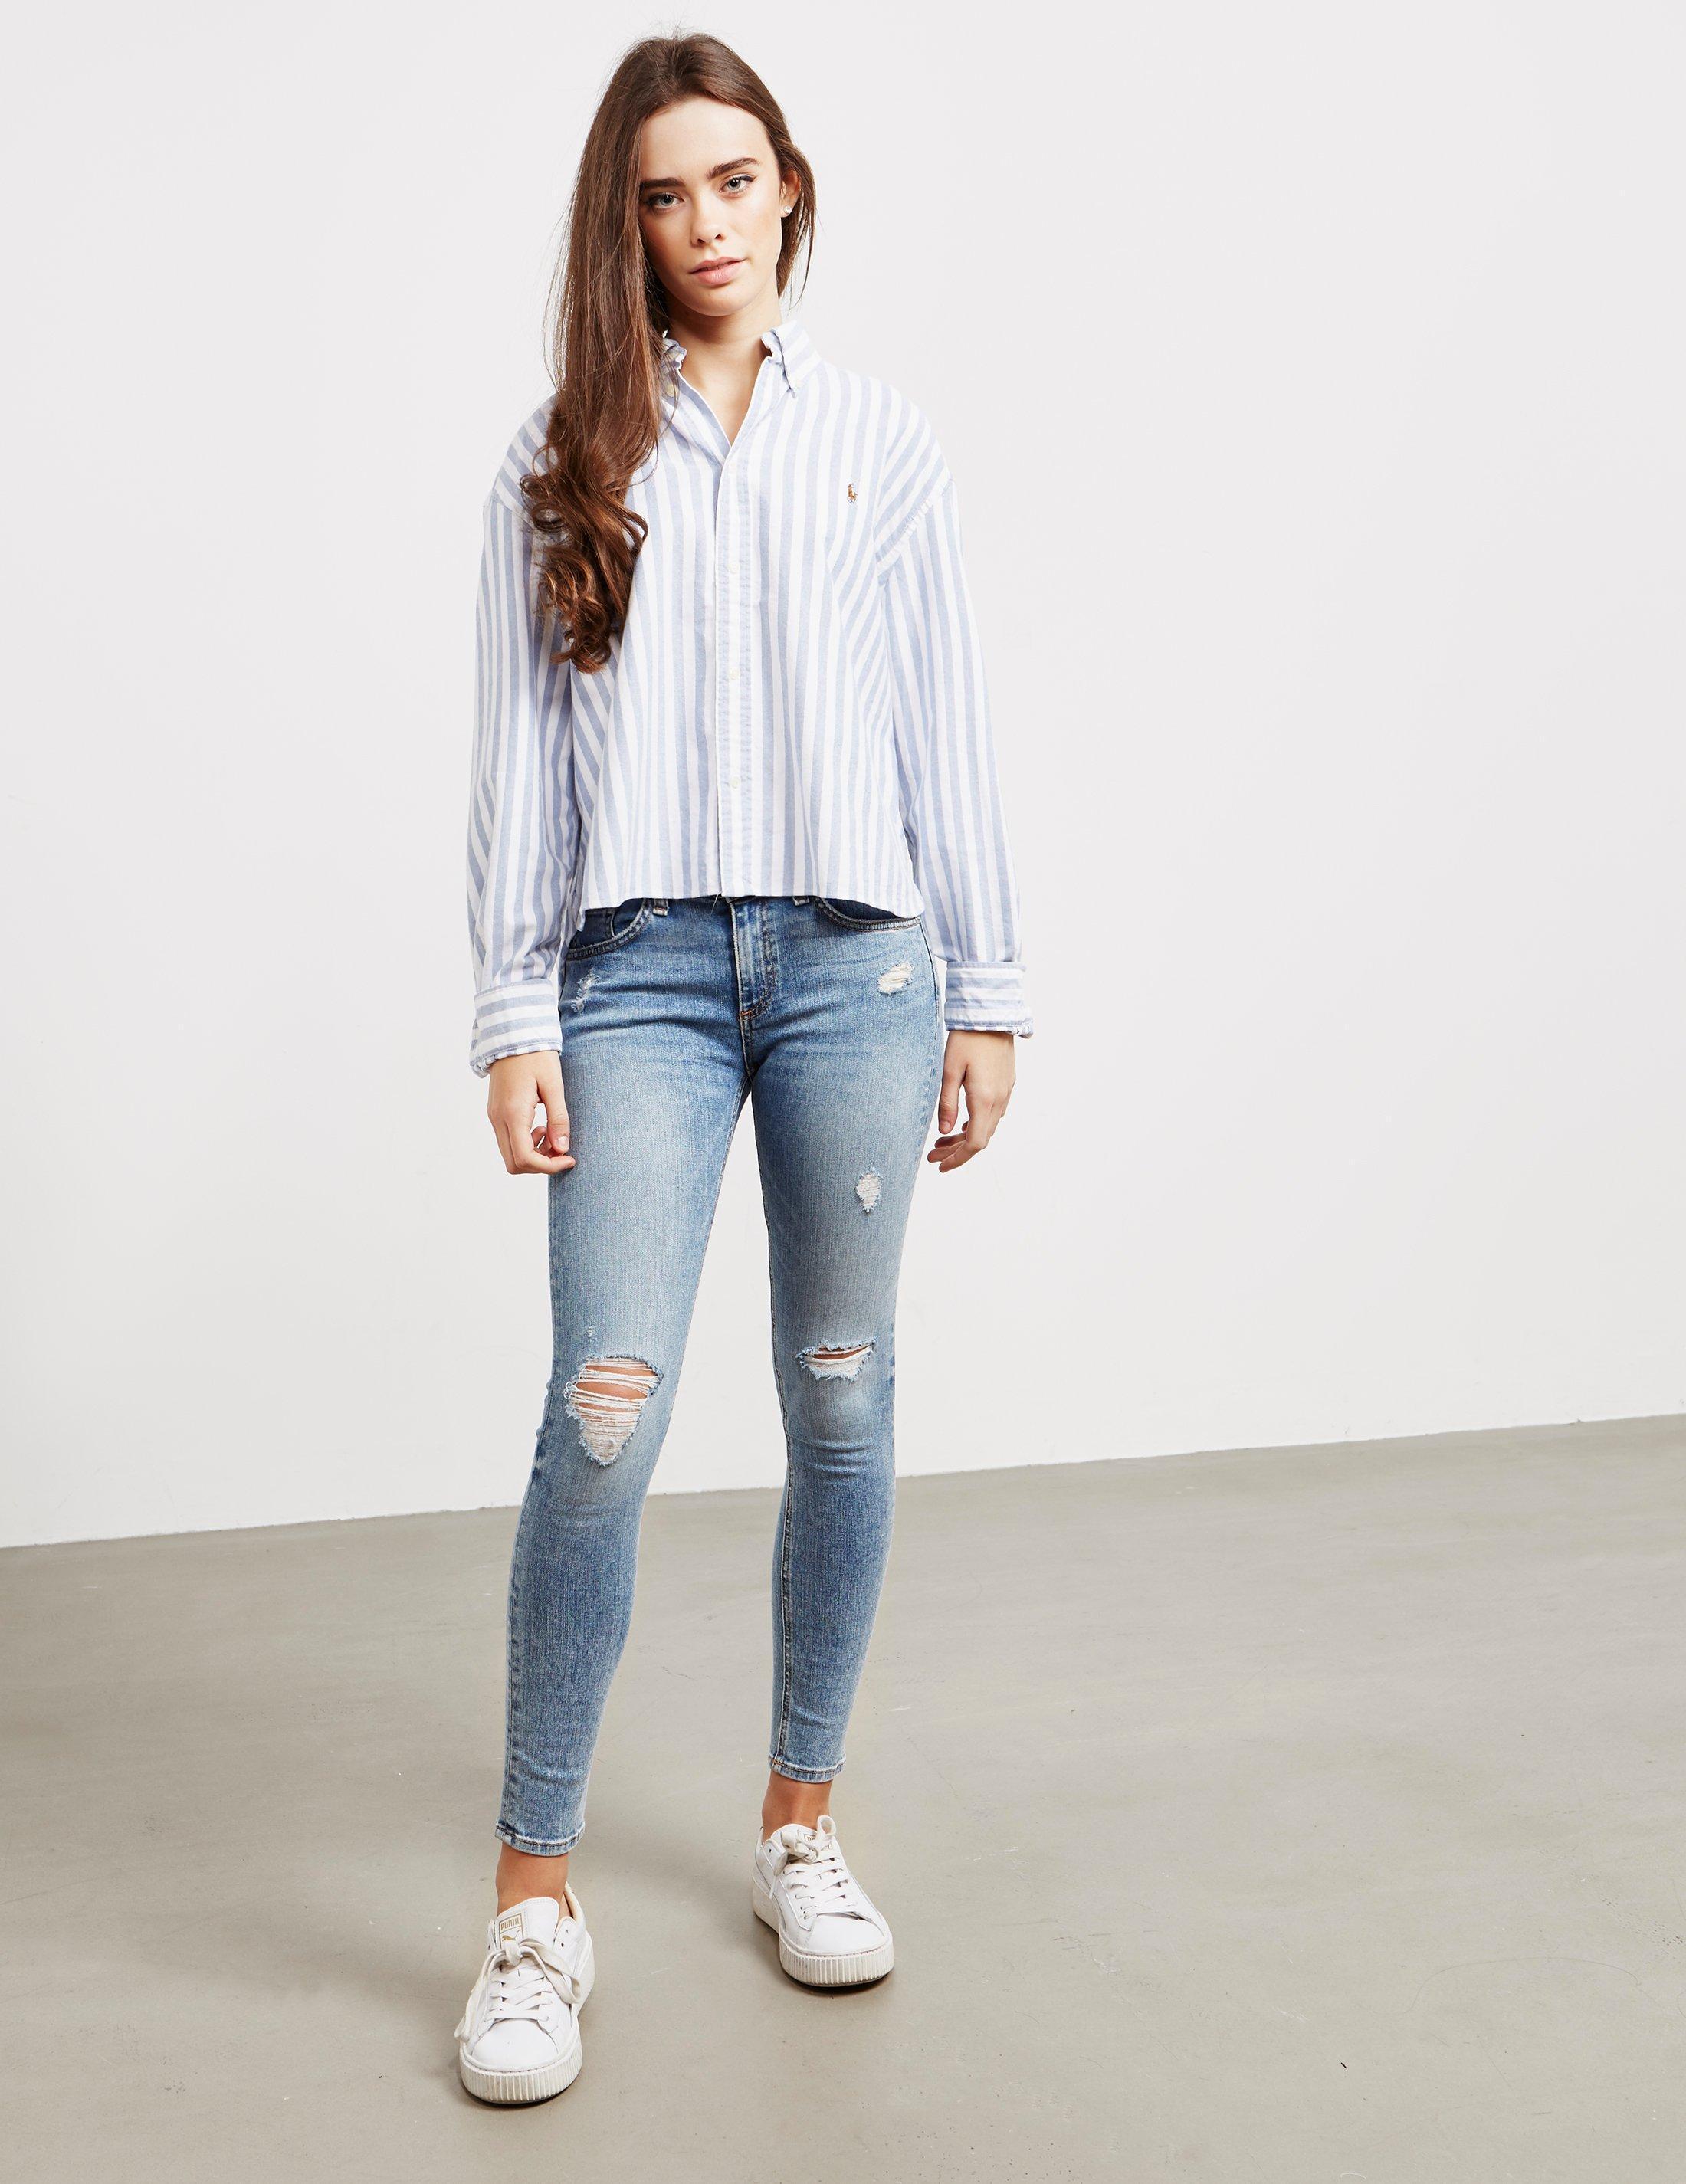 47ddc5d511b Lyst - Polo Ralph Lauren Crop Long Sleeve Shirt Blue in Blue